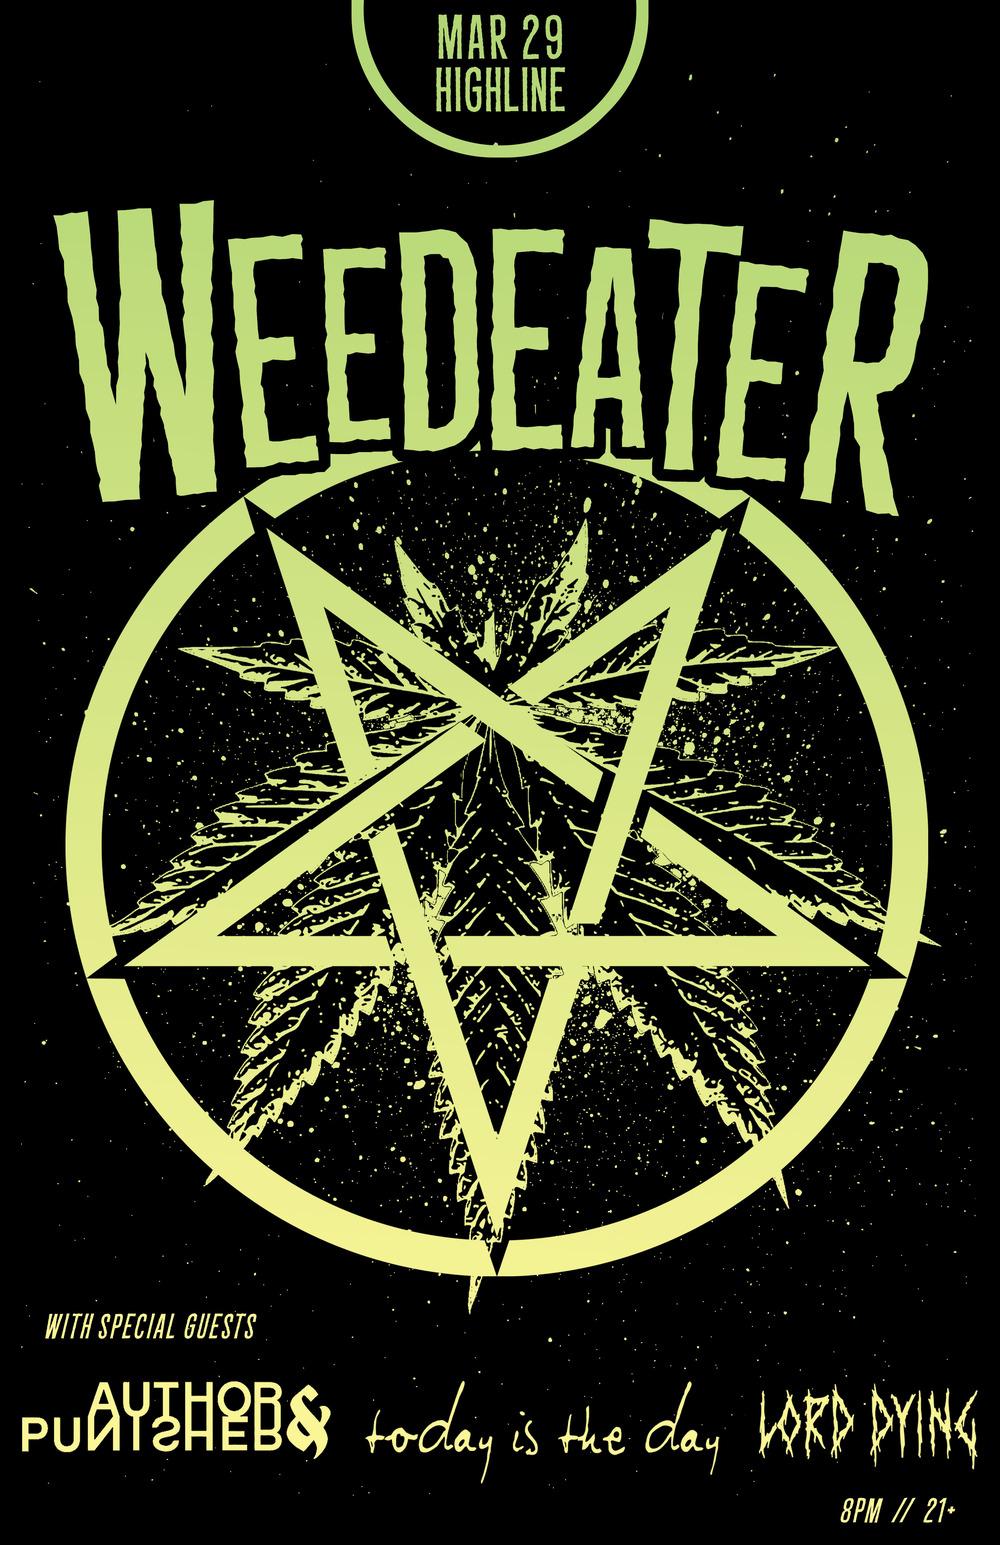 032916-WEEDEATER.jpg